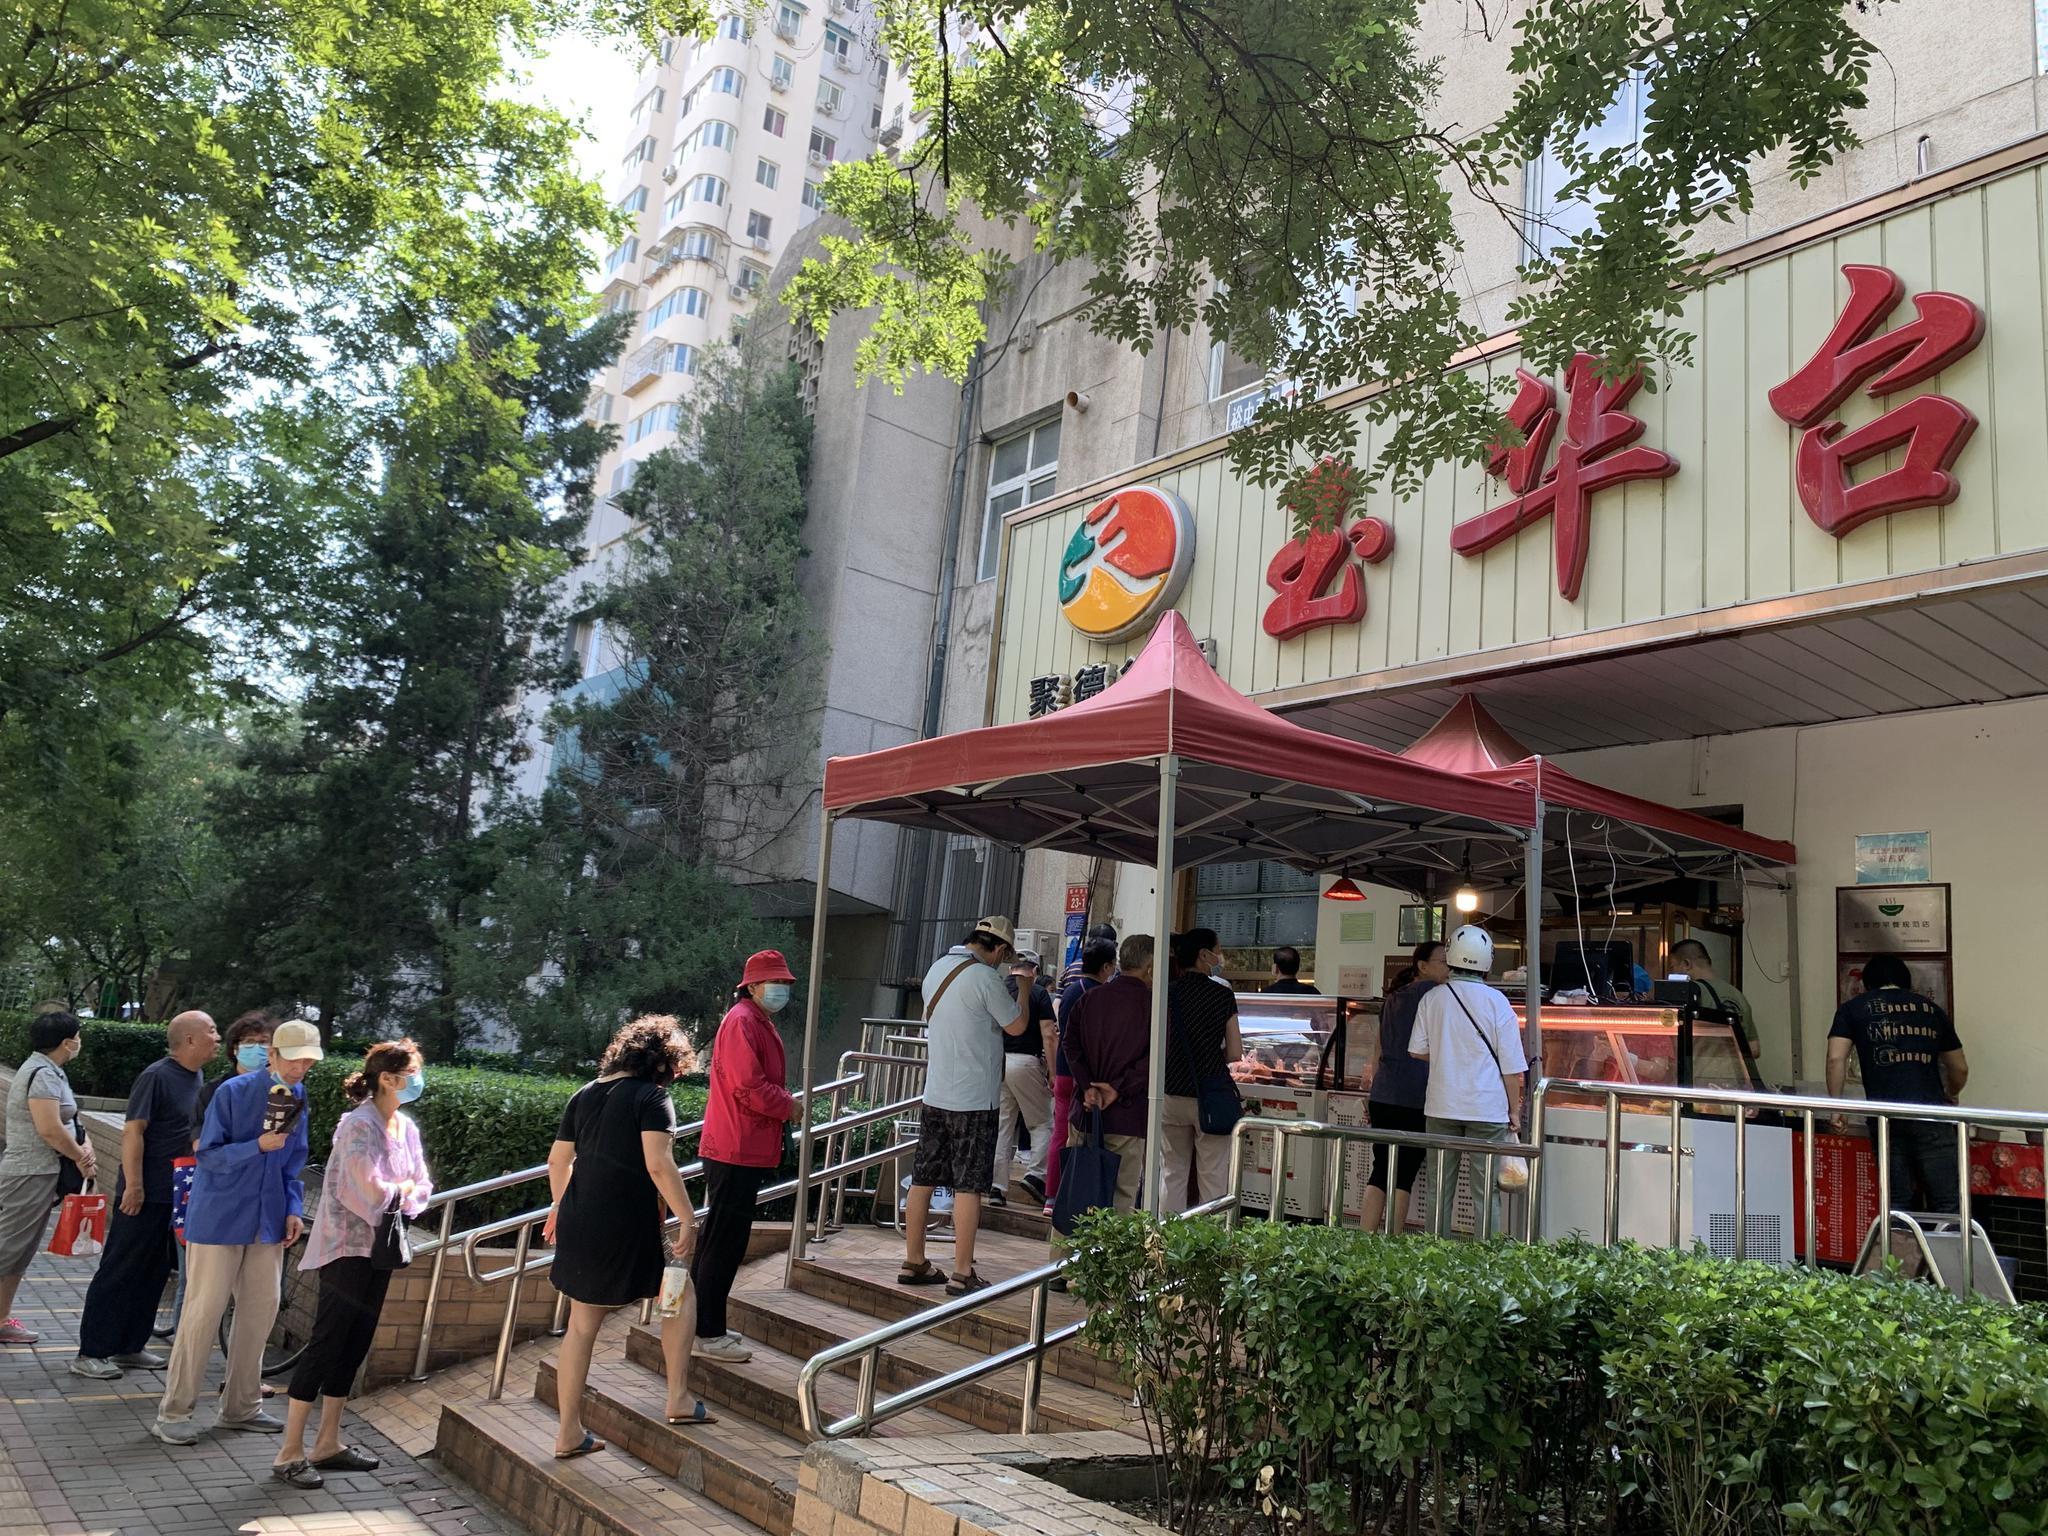 北京餐饮元气恢复,多家营业额超去年同期,部分老字号外卖增4倍图片